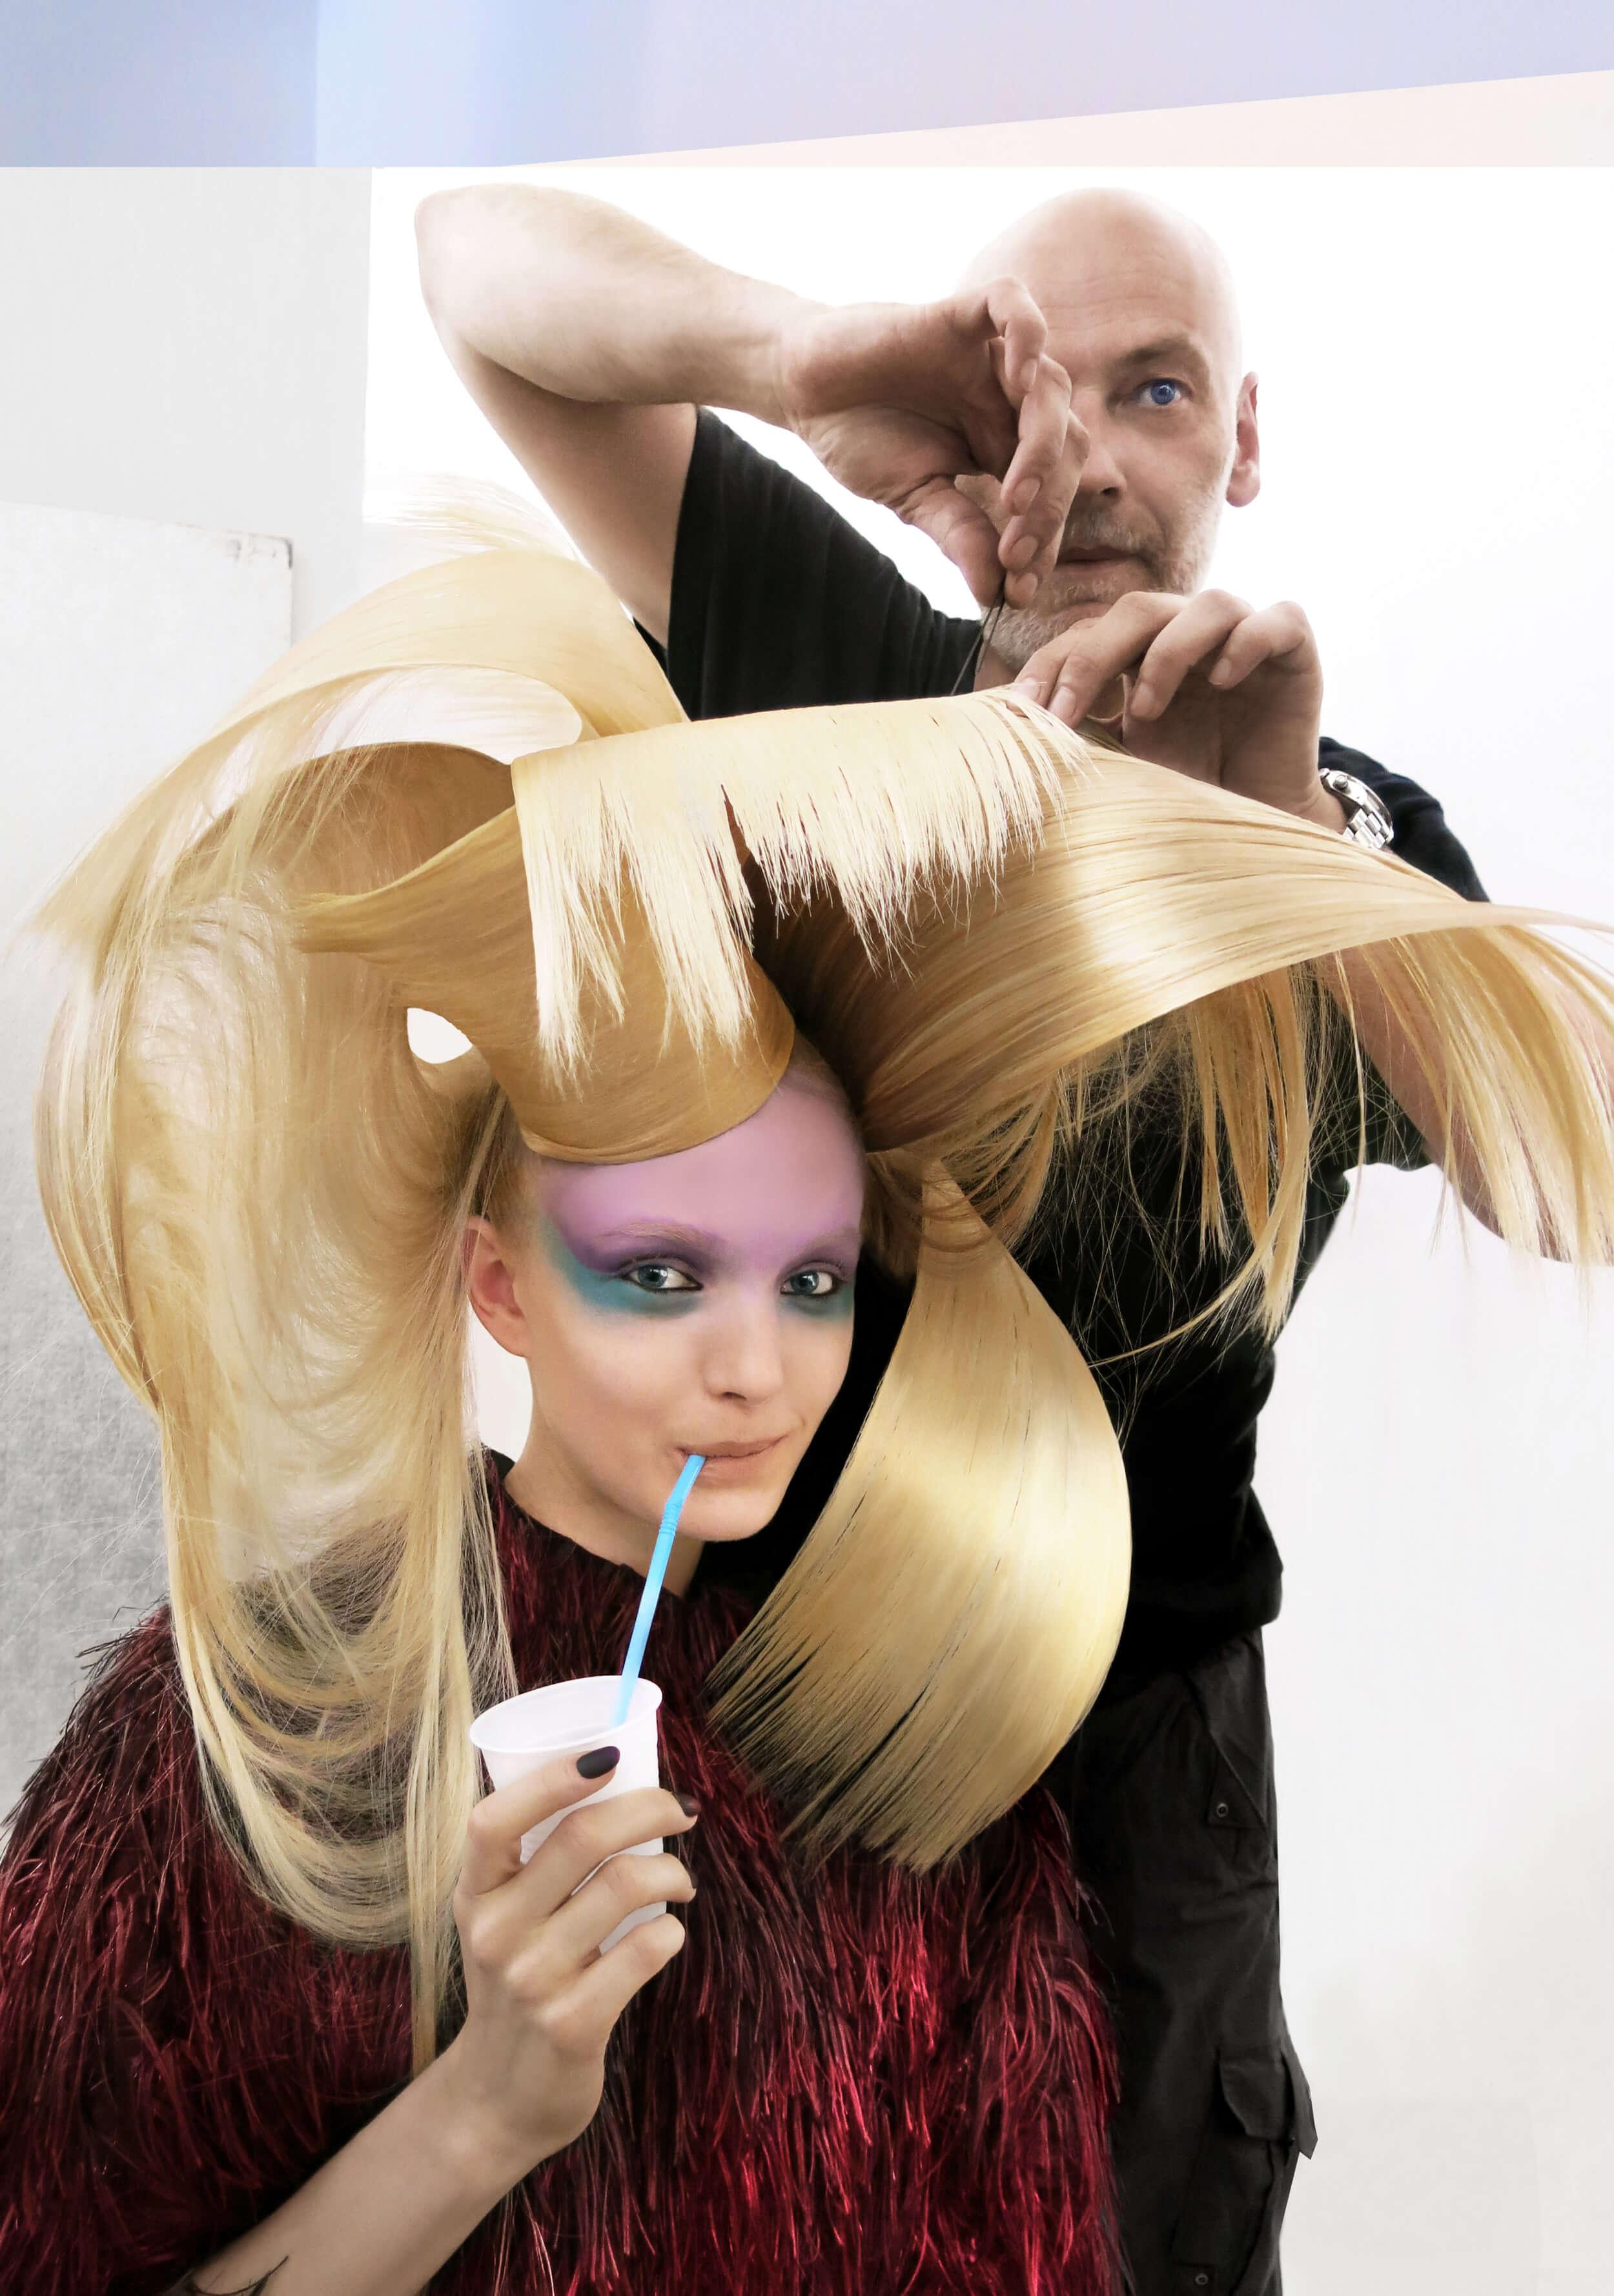 echos-coiffure-magazine-backstage-vogue-05.jpg